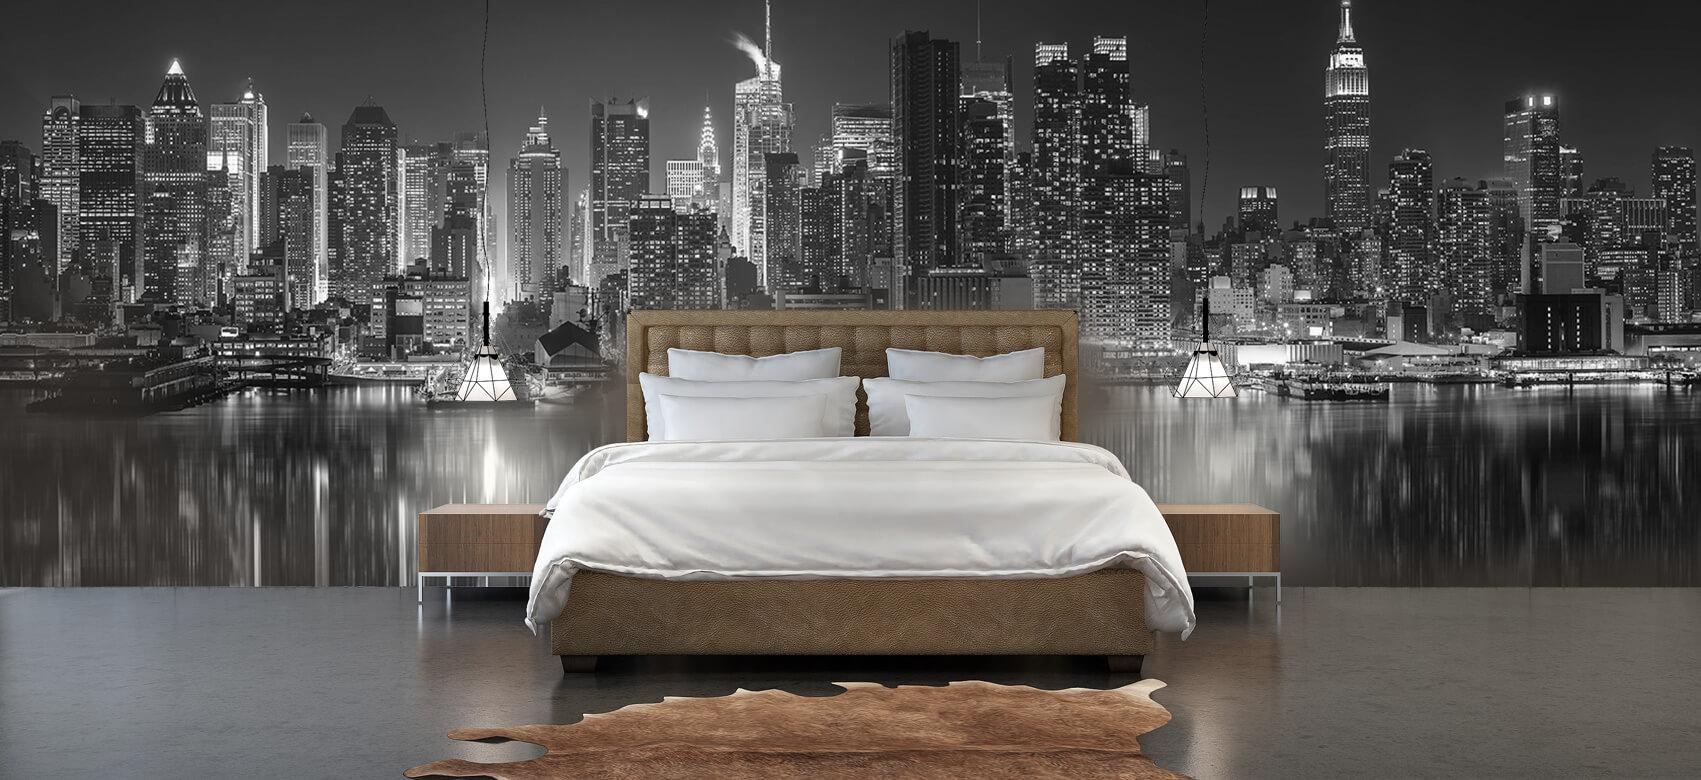 World & Cities Photo wallpaper New York skyline at night 4